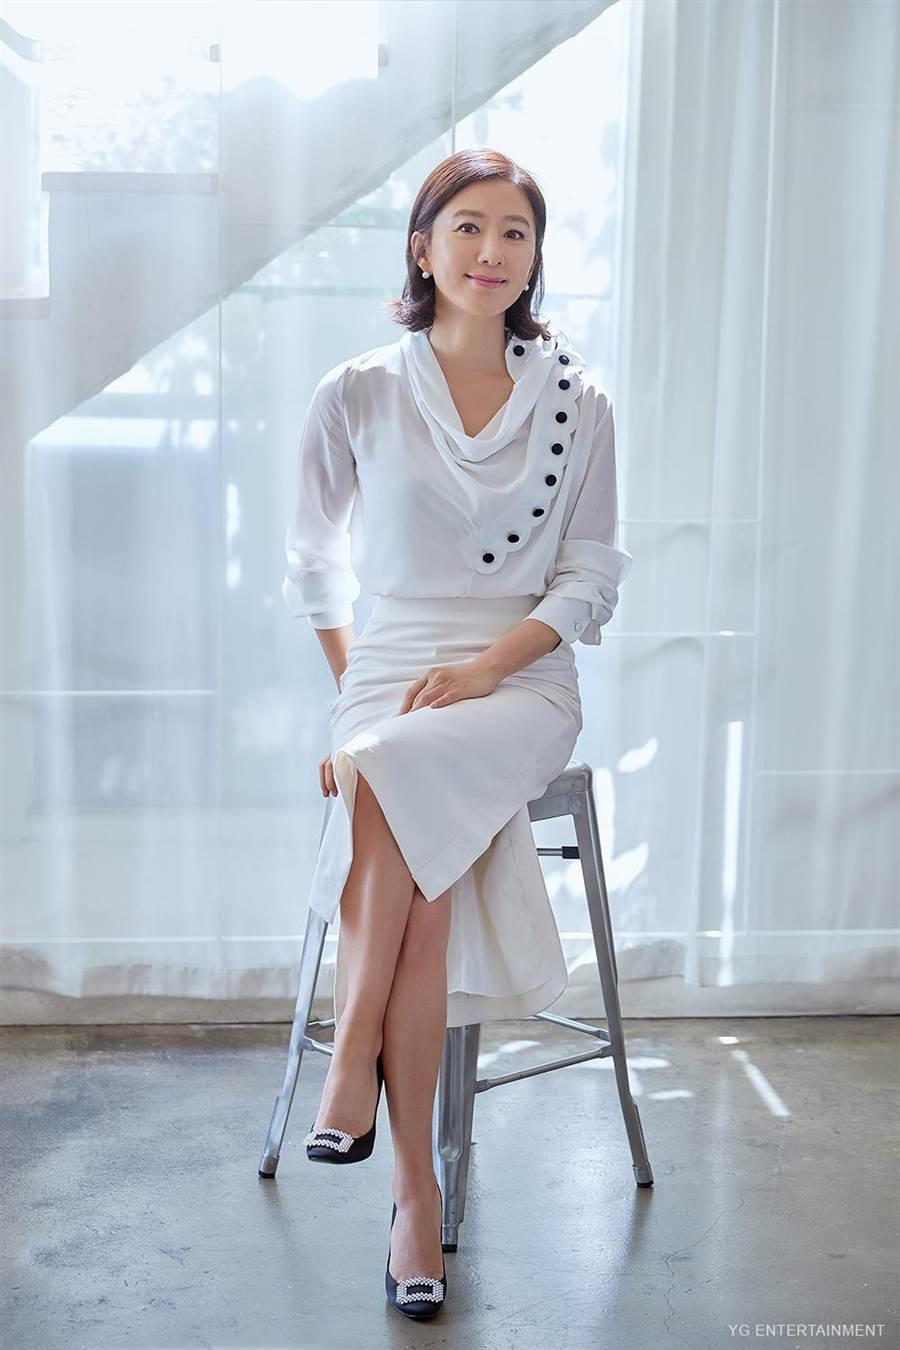 金喜愛演出女主角池善雨,成功入圍今年百想藝術大賞視后。 (YG ENTERTAINMENT提供)